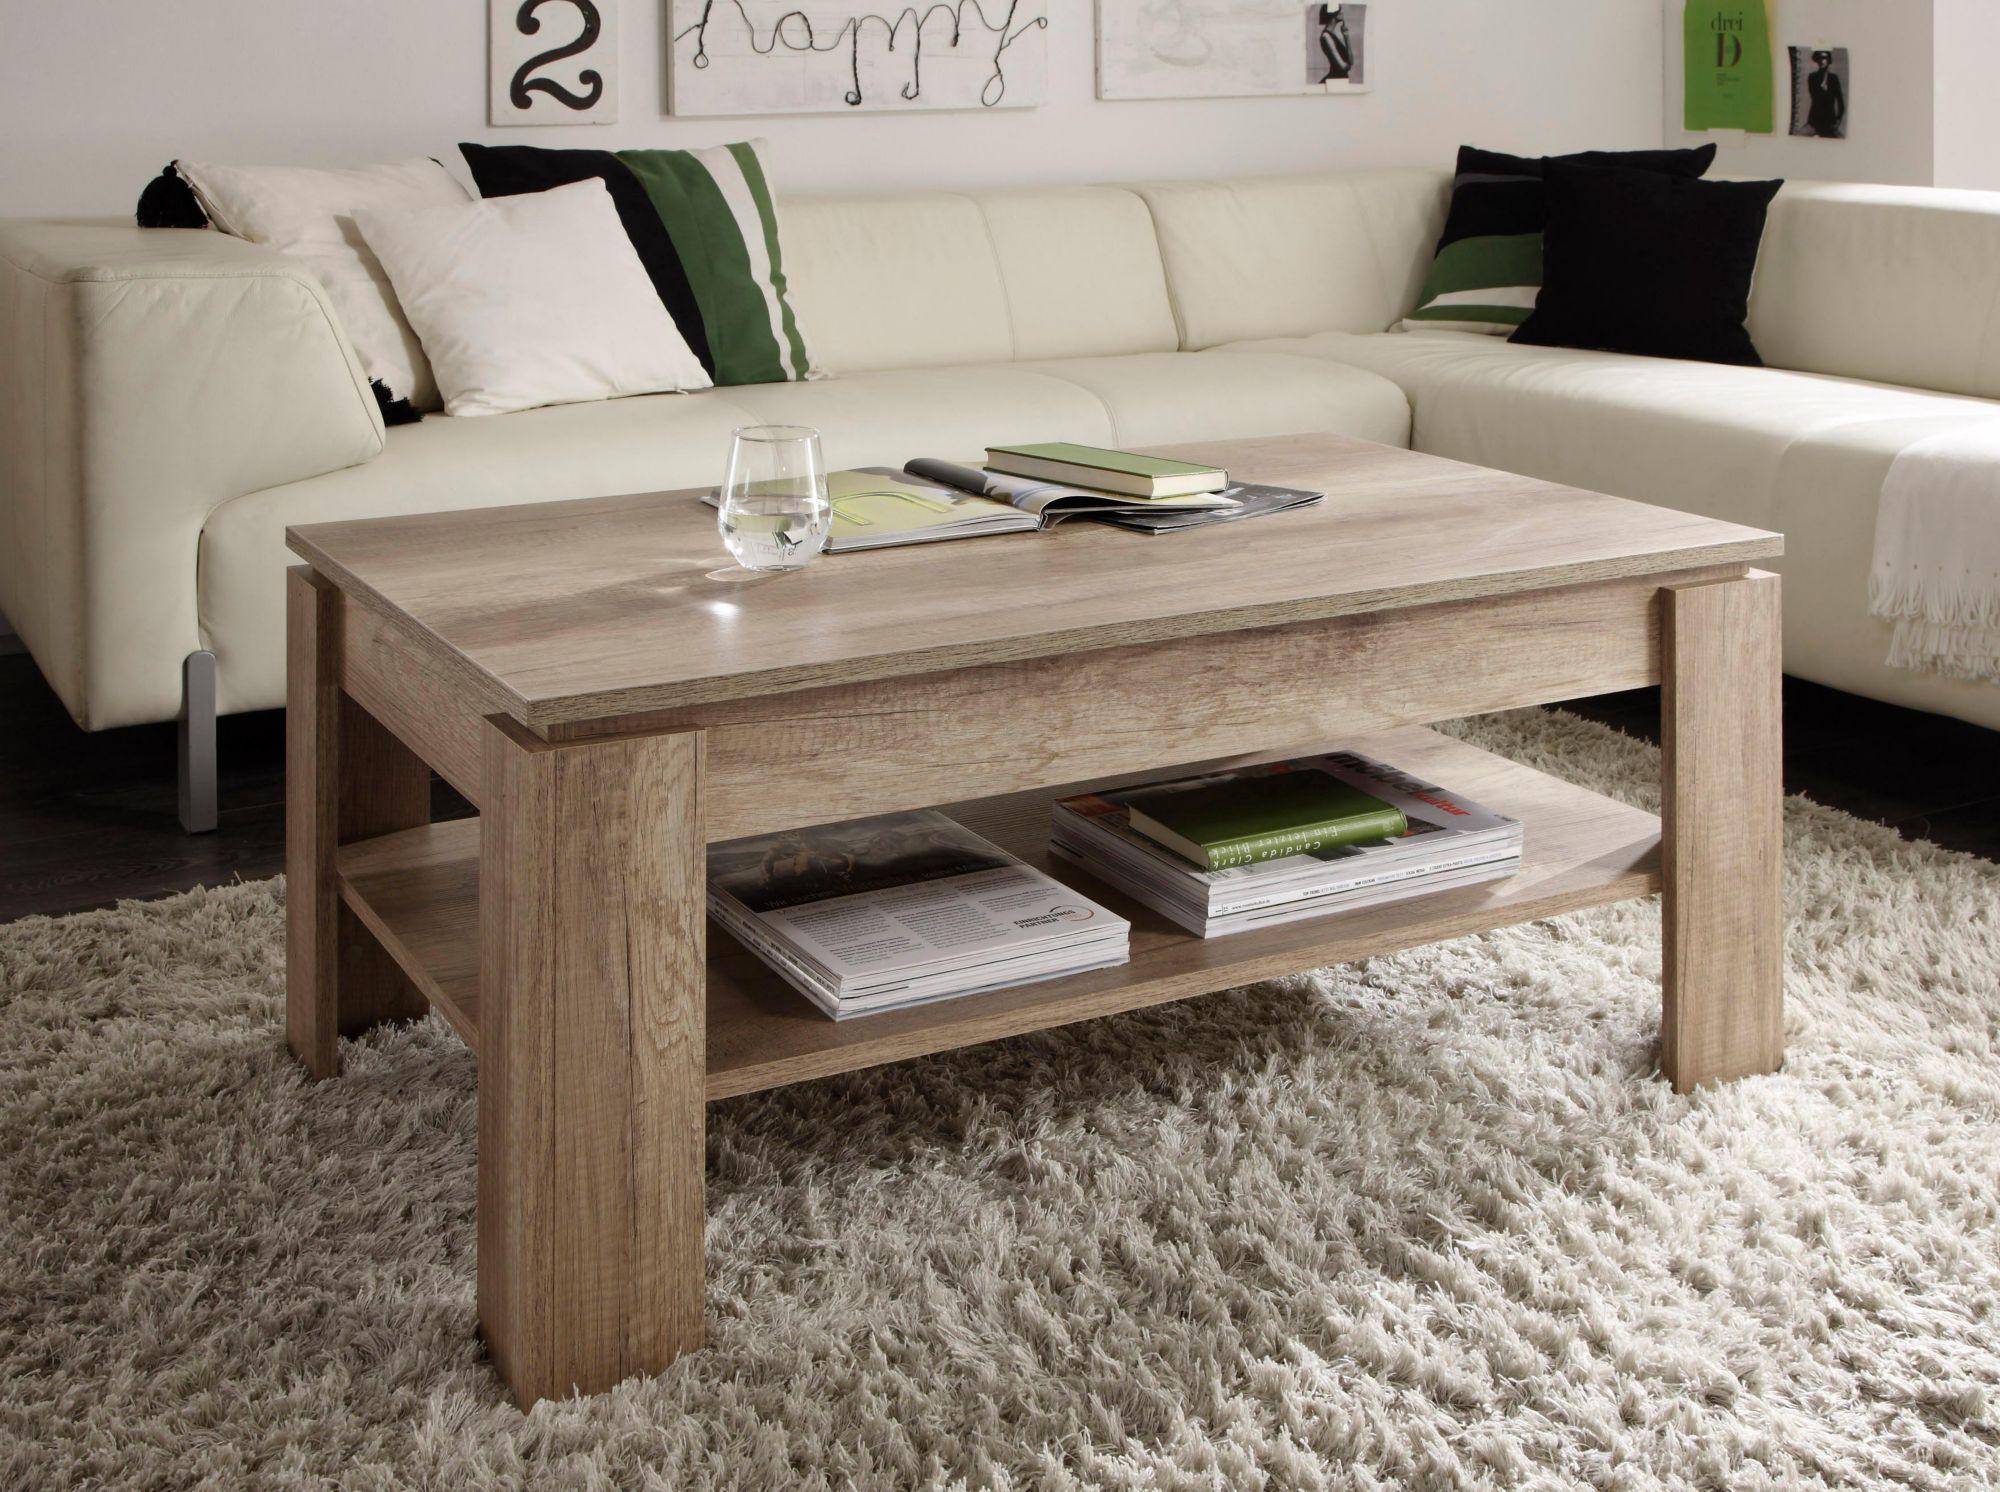 couchtisch g nstig online kaufen beim schwab versand. Black Bedroom Furniture Sets. Home Design Ideas